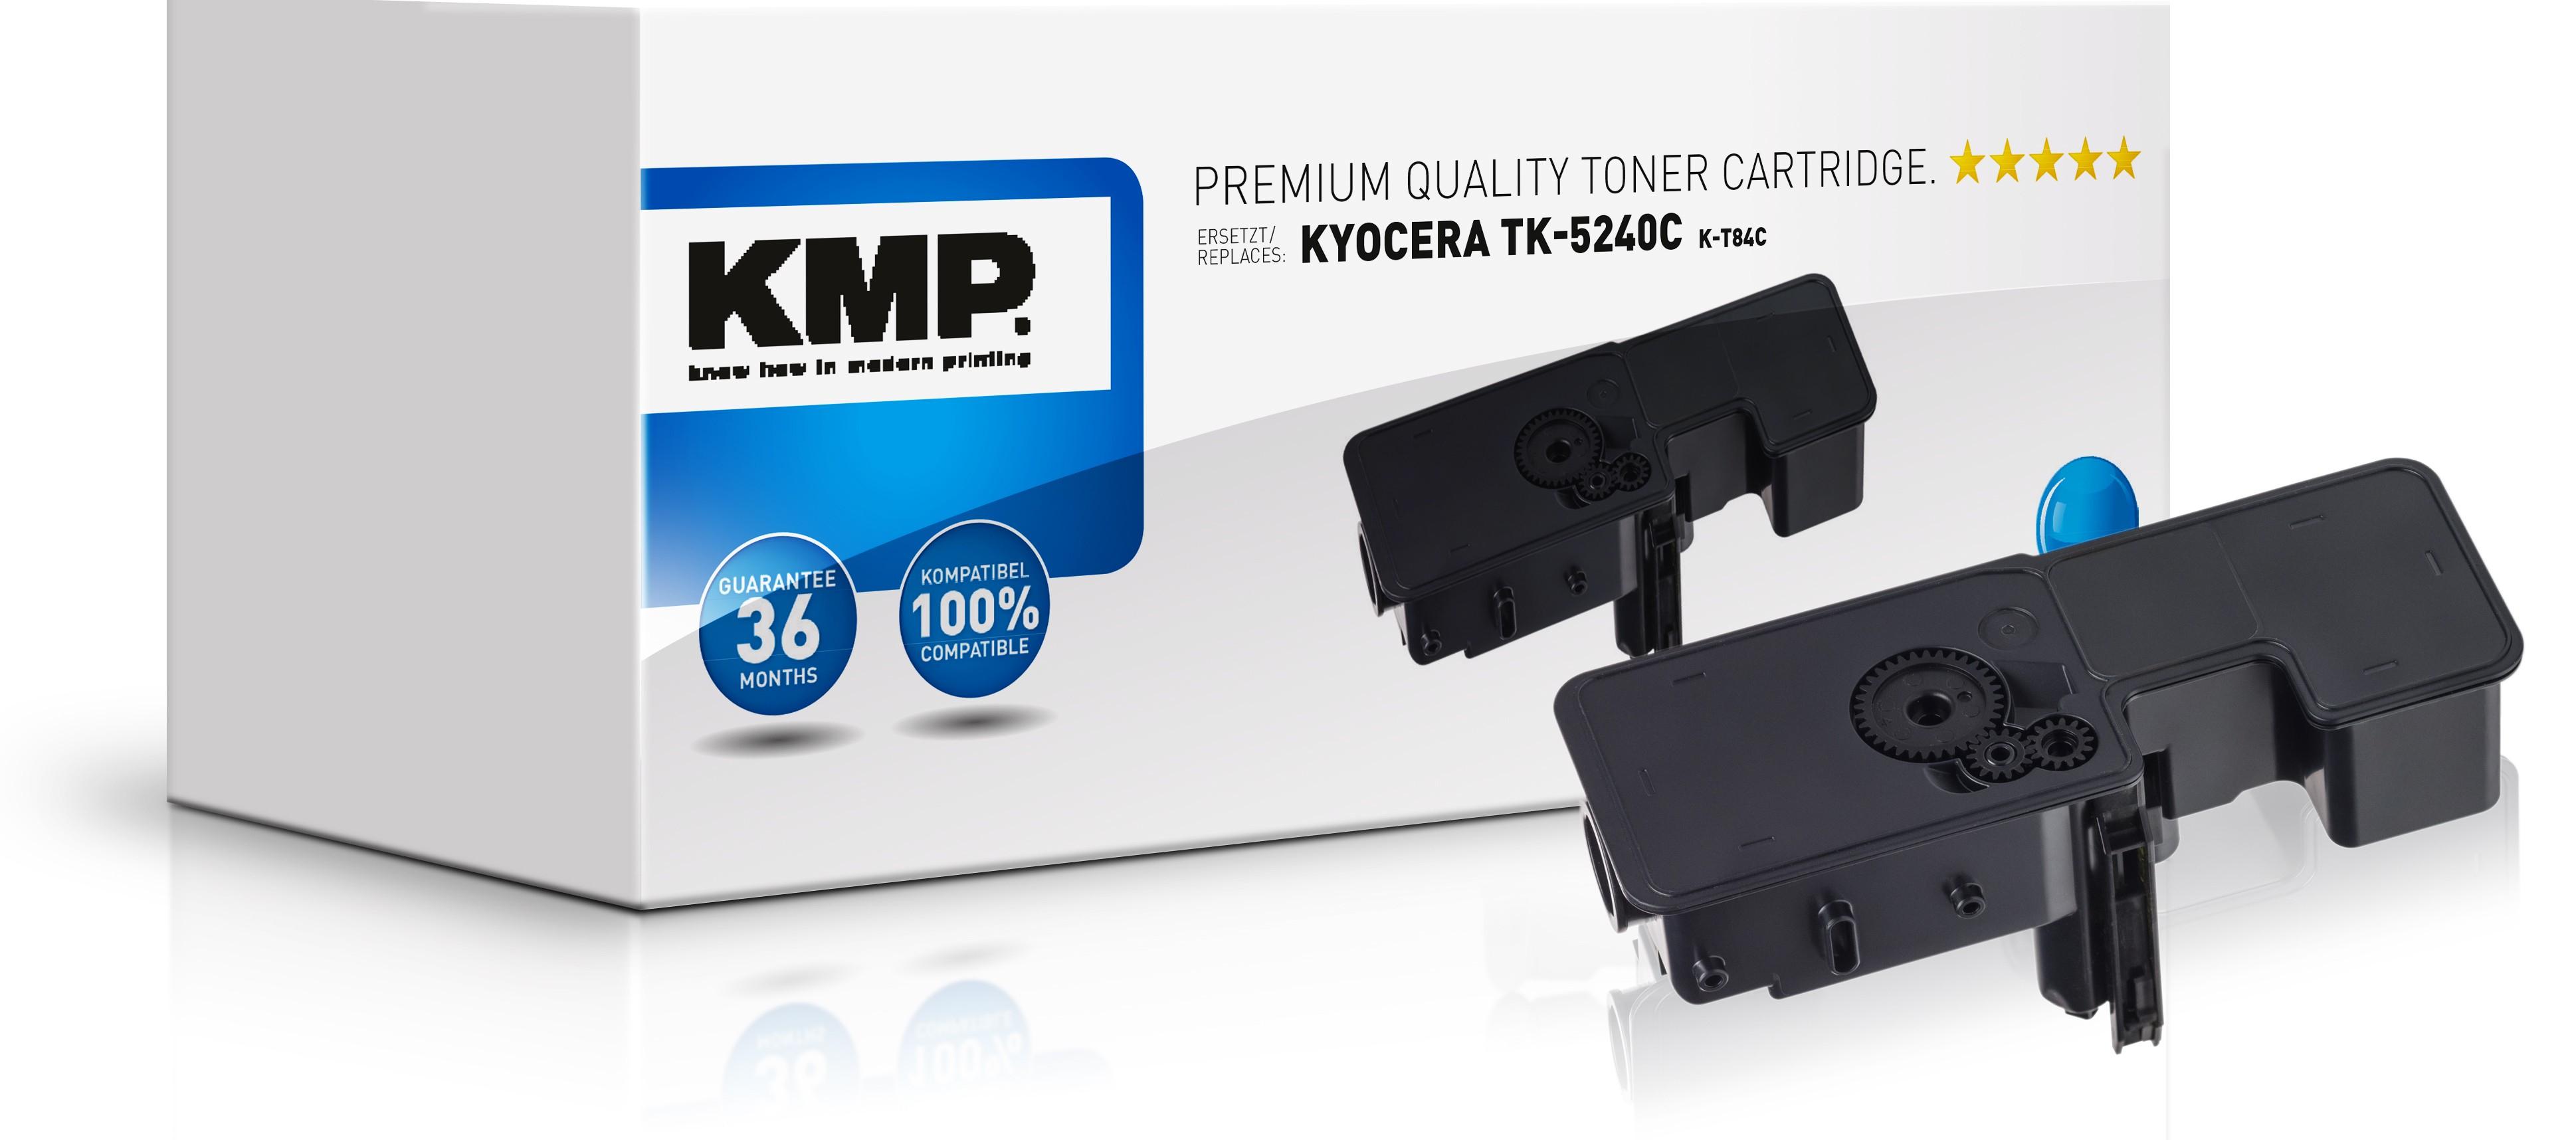 KMP K-T84C - 3000 Seiten - Cyan - 1 Stück(e)